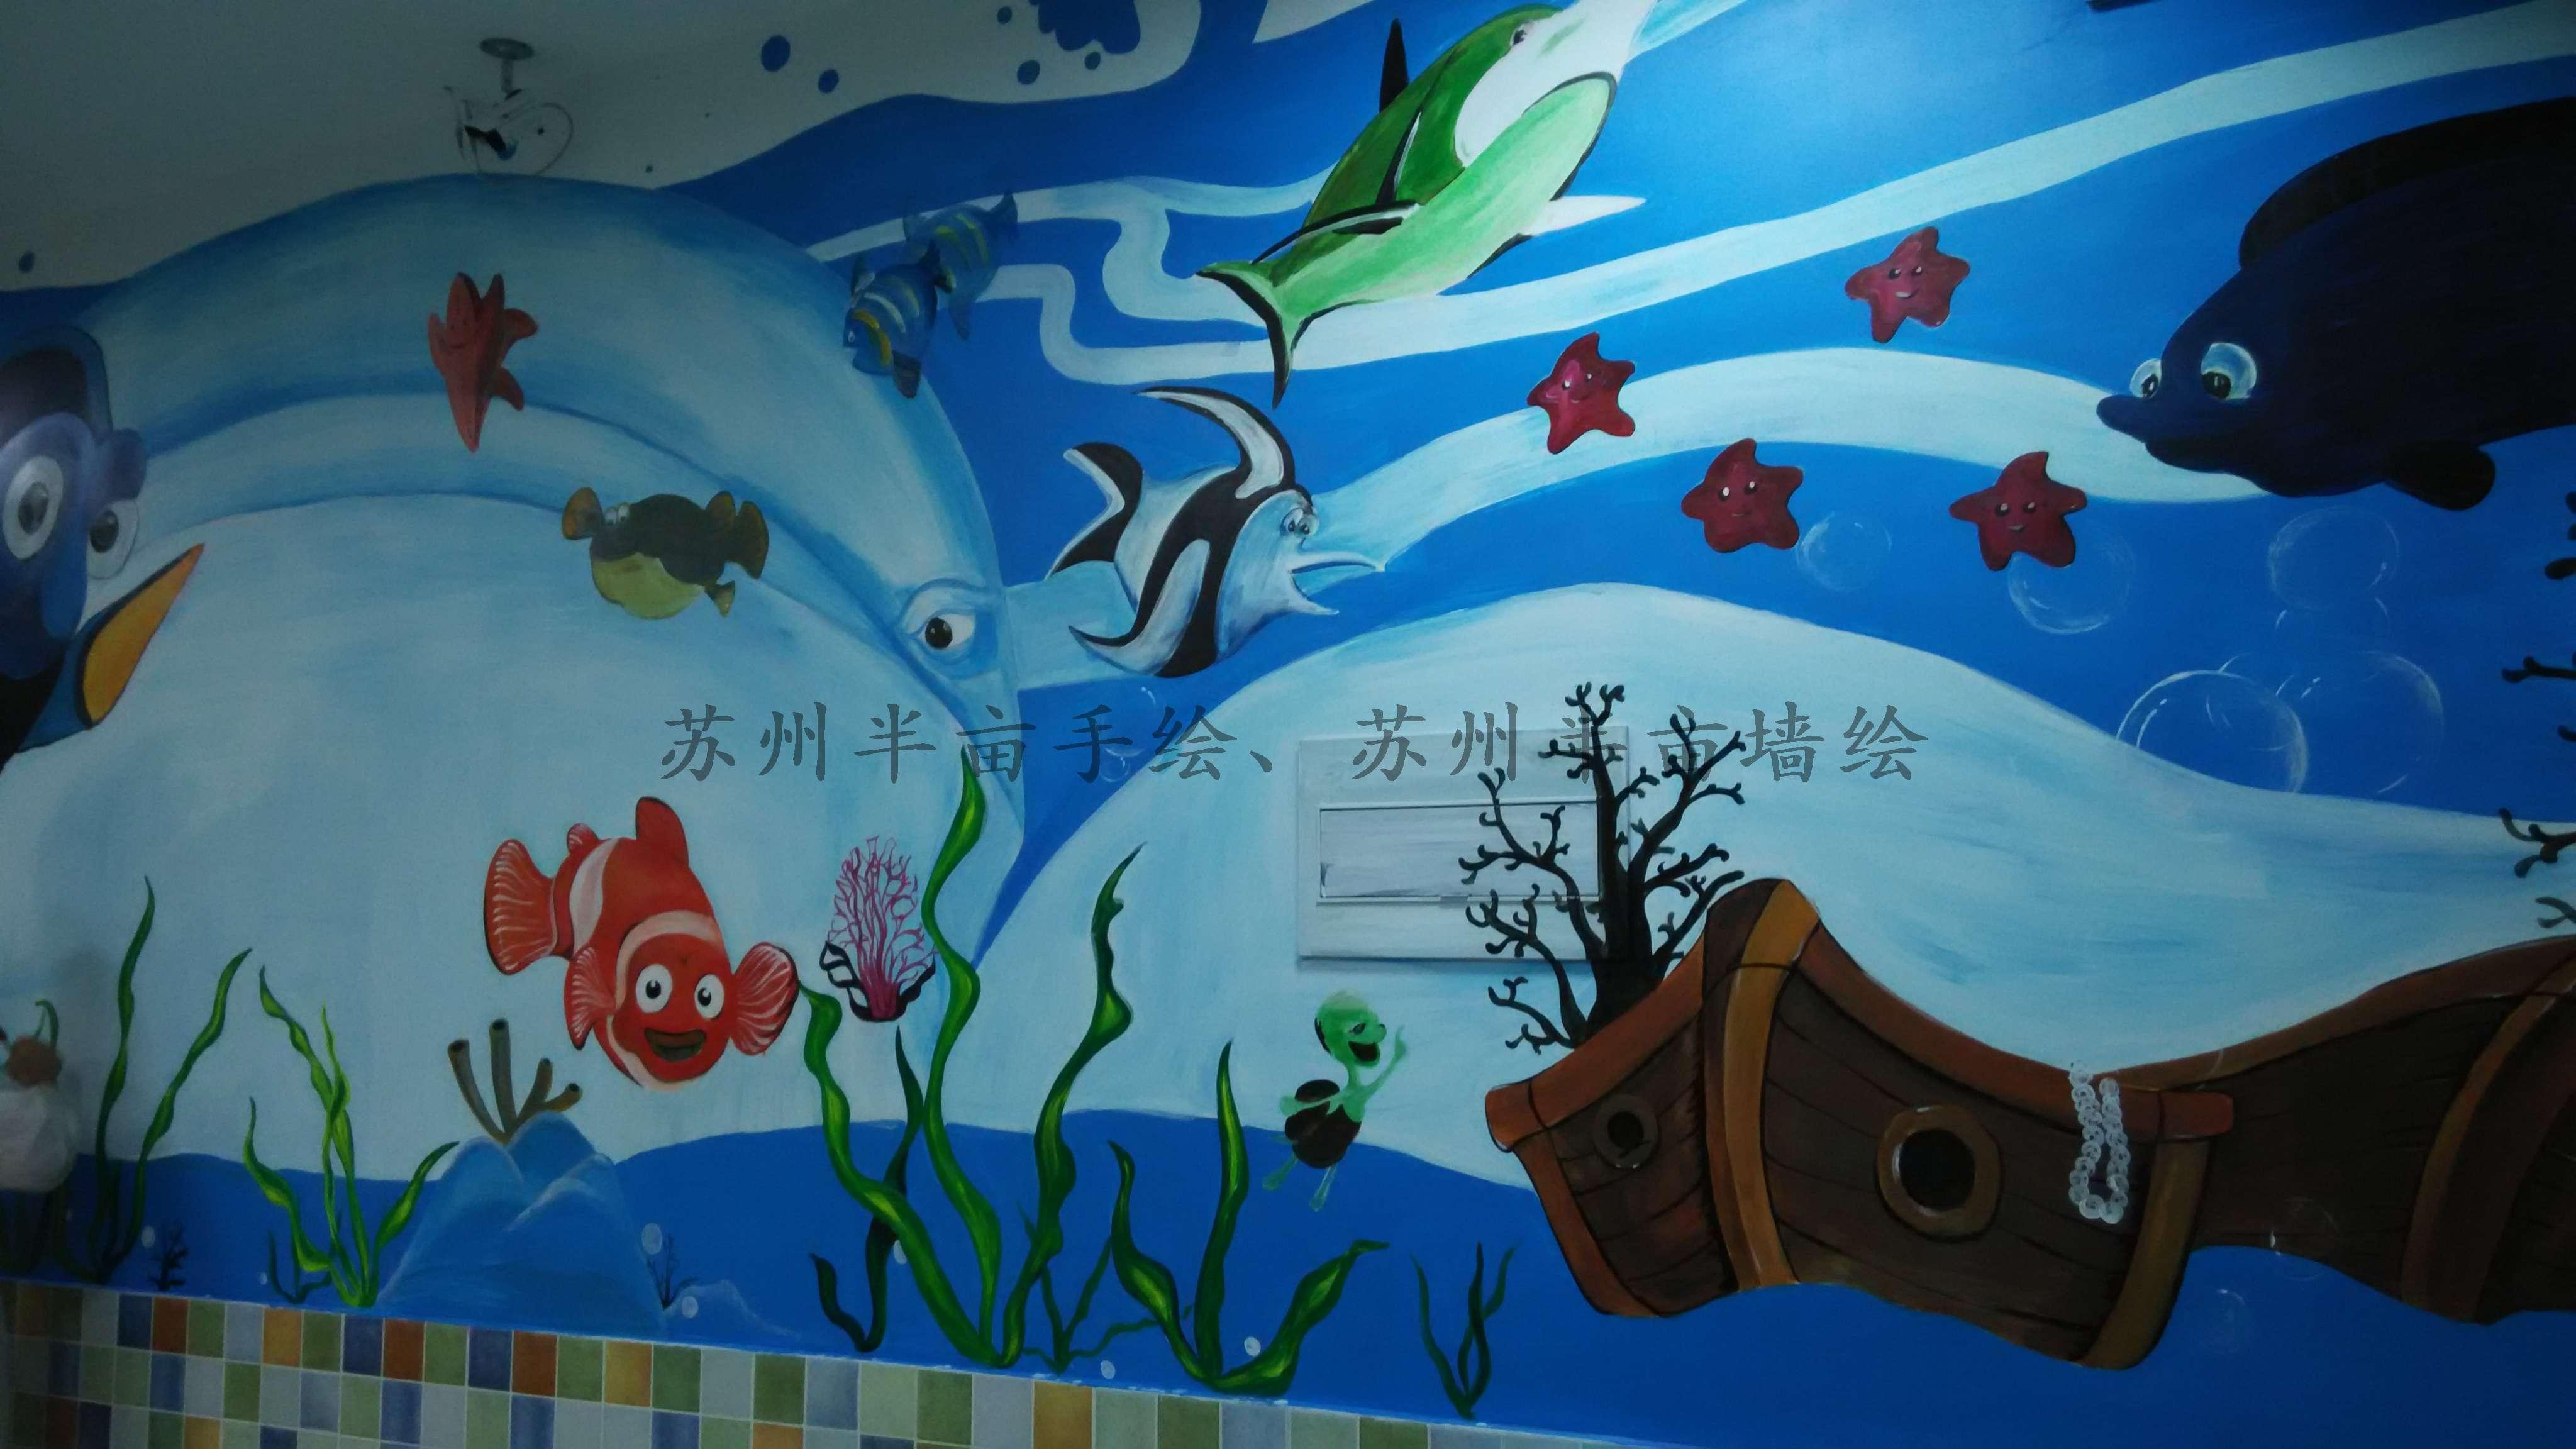 海底世界手绘墙,蓝色墙绘